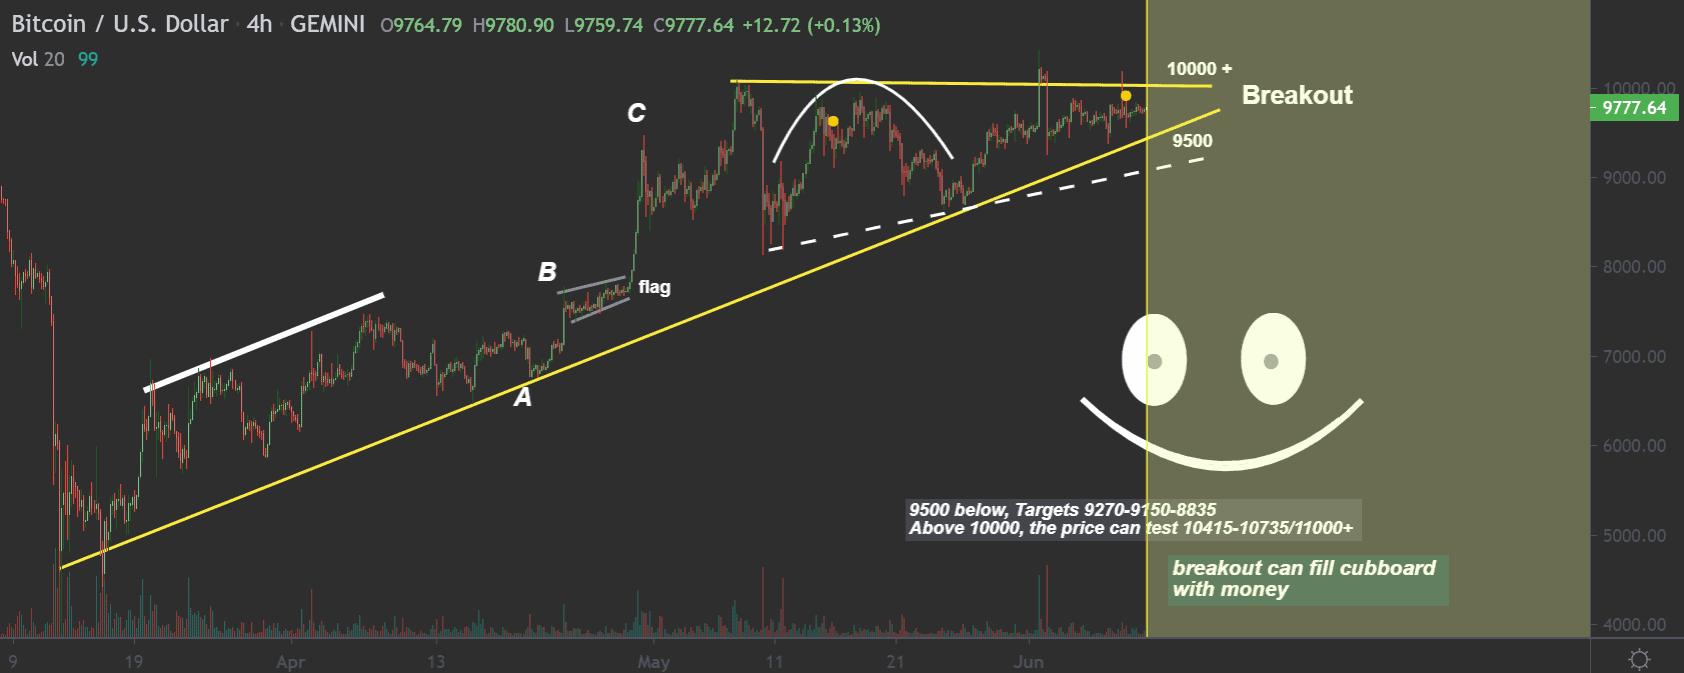 Bitcoin price chart 3 - Jun10